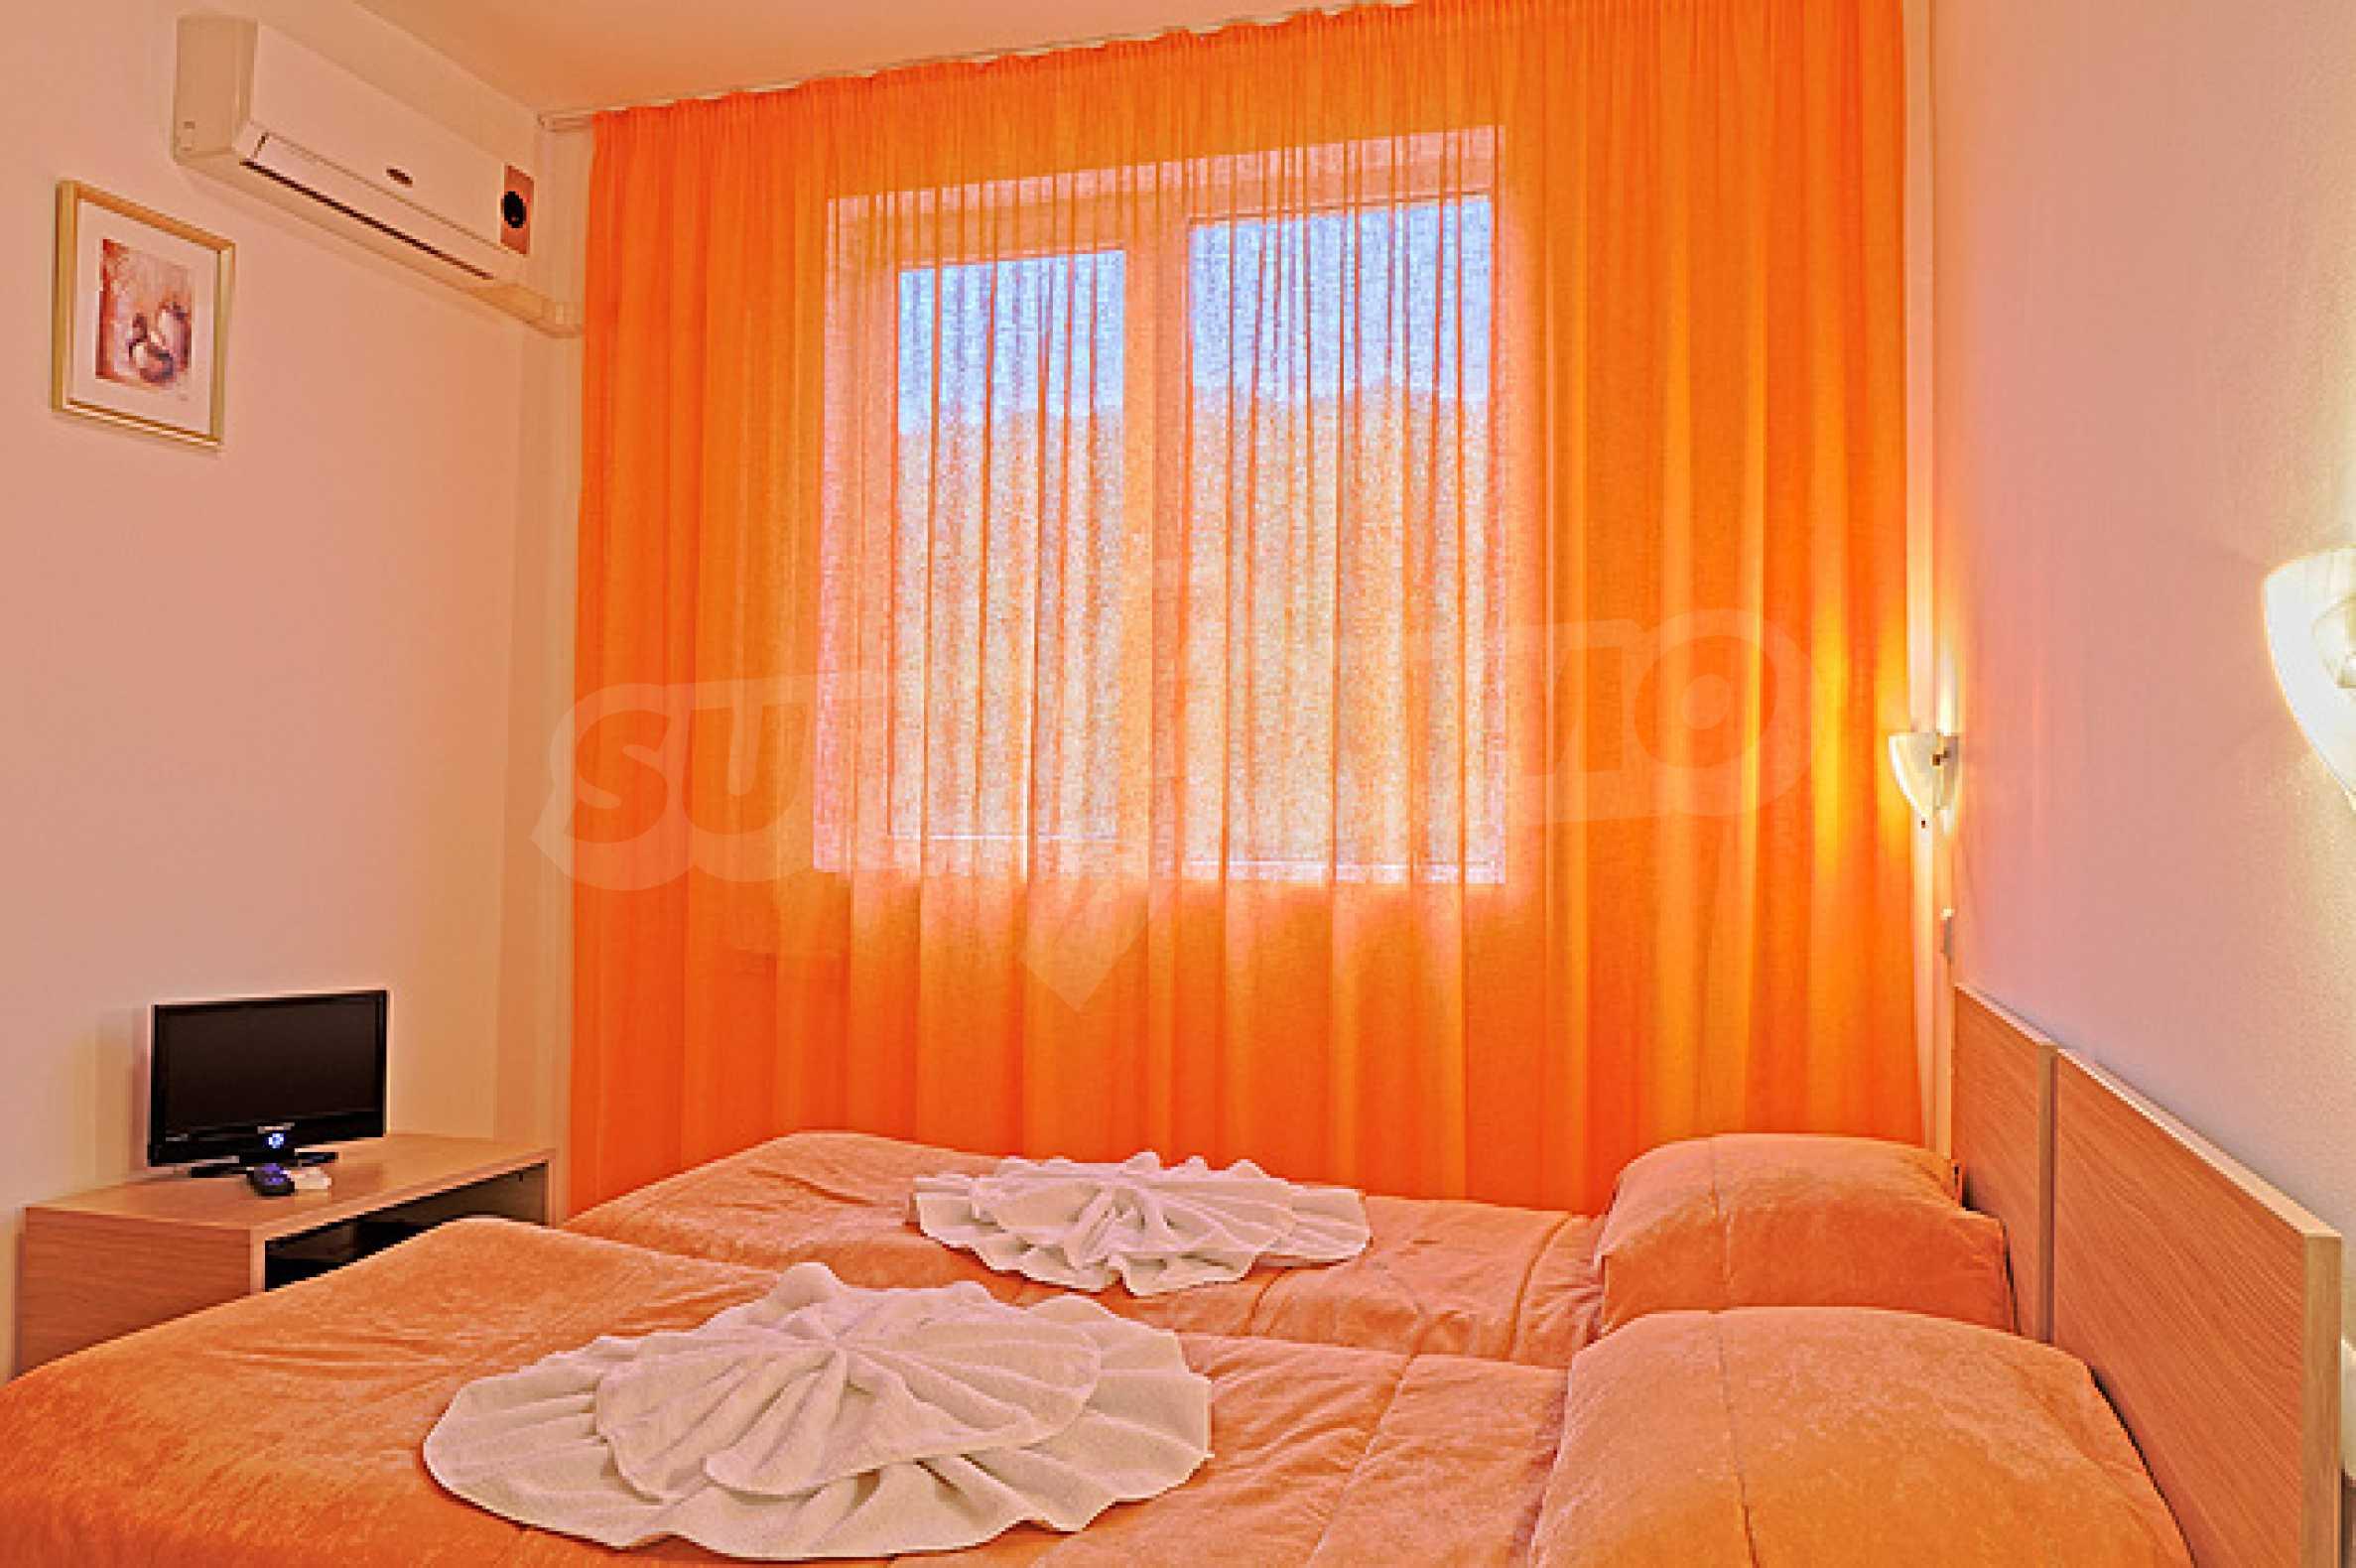 Sunset Kosharitsa - Apartments in einem attraktiven Berg- und Seekomplex, 5 Autominuten vom Sonnenstrand entfernt 24